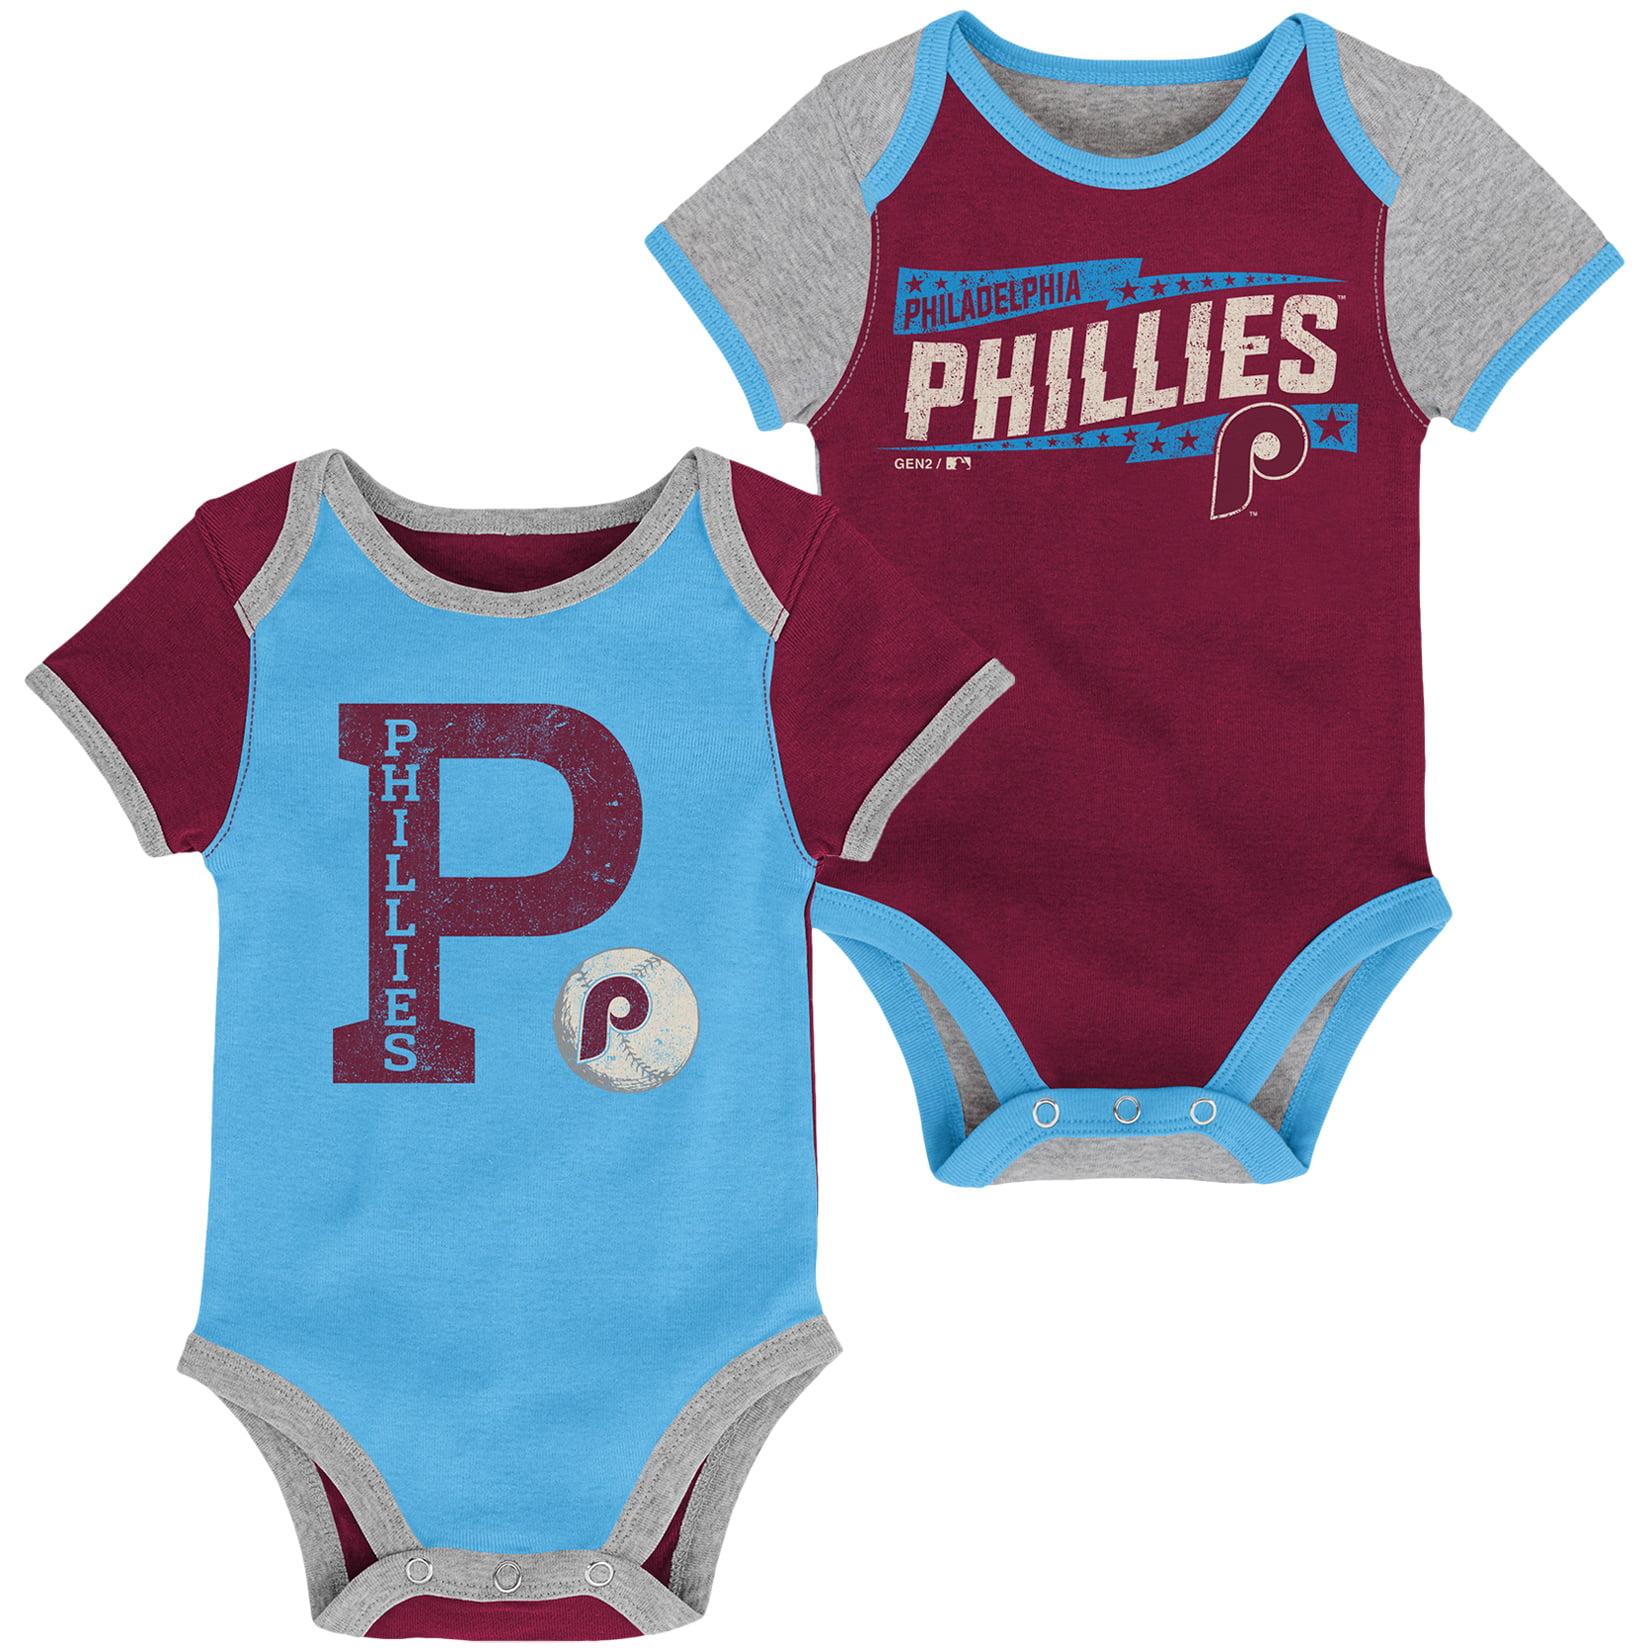 Philadelphia Phillies Infant Baseball Star Two-Pack Bodysuit Set - Maroon/Light Blue - 24 MO